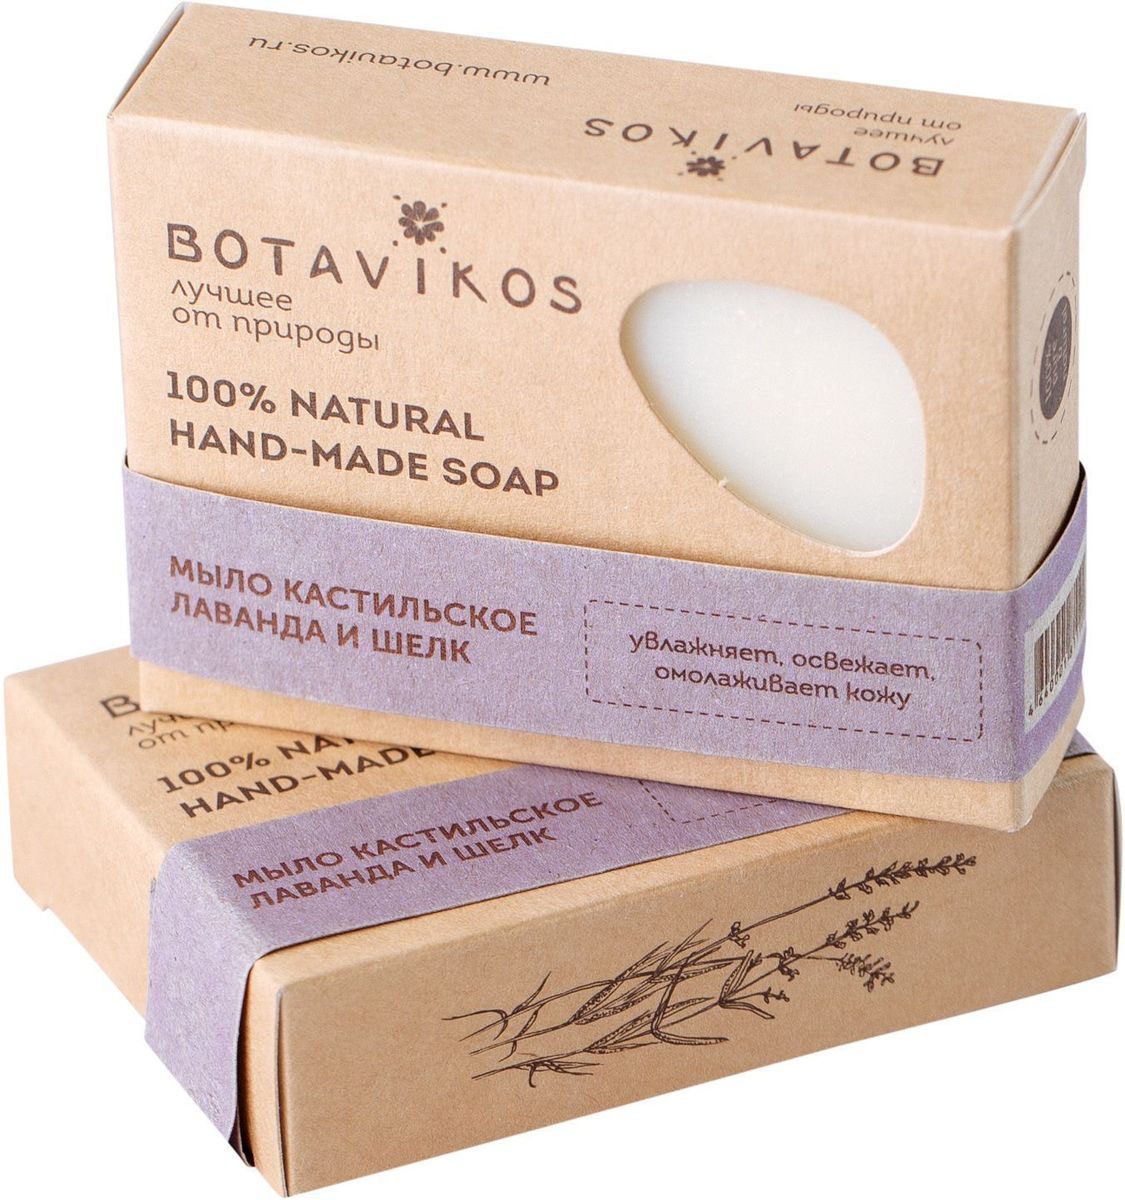 Botavikos мыло кастильское Лаванда и ШелкMP59.4DКастильское мыло, изящная душистая композиция которого сочетает сладость лаванды с травянистой пряностью розмарина, ласкает кожу как роскошный шелковый платок. Среди достоинств этого косметического шедевра – преобладающее количество в его составе нерафинированного оливкового масла (90%), которое оказывает на кожу непревзойденное смягчающее и очищающее действие благодаря рекордному содержанию олеиновой кислоты. Еще одна удивительная особенность кастильского мыла - чем старше мыло, тем оно лучше, мягче и нежнее.Натуральные жирные масла – кокосовое, пальмовое и касторовое, поддерживающие оливковую основу кастильского мыла, отвечают за базовый уход за лицом и телом, увлажняя и питая кожу.Эфирное масло лаванды обладает выраженными способностями снимать воспаление, раздражение, зуд, шелушение, отеки, покраснение при чувствительной коже. Улучшает состояние и внешний вид уставшей кожи, освежая, тонизируя и придавая упругость. Аромат лаванды придает сил в минуты слабости, успокаивает, гармонизирует эмоции.Пептиды натурального шелка, входящие в состав кастильского мыла, стимулируя выработку естественного коллагена, разглаживают небольшие морщинки, придают коже мягкость и эластичность, позволяют сохранить природную влагу.Эфирное масло розмарина также направлено на достижение омолаживающего эффекта. Оно деликатно заботится о возрастной истощенной коже, улучшая ее текстуру и повышая упругость.